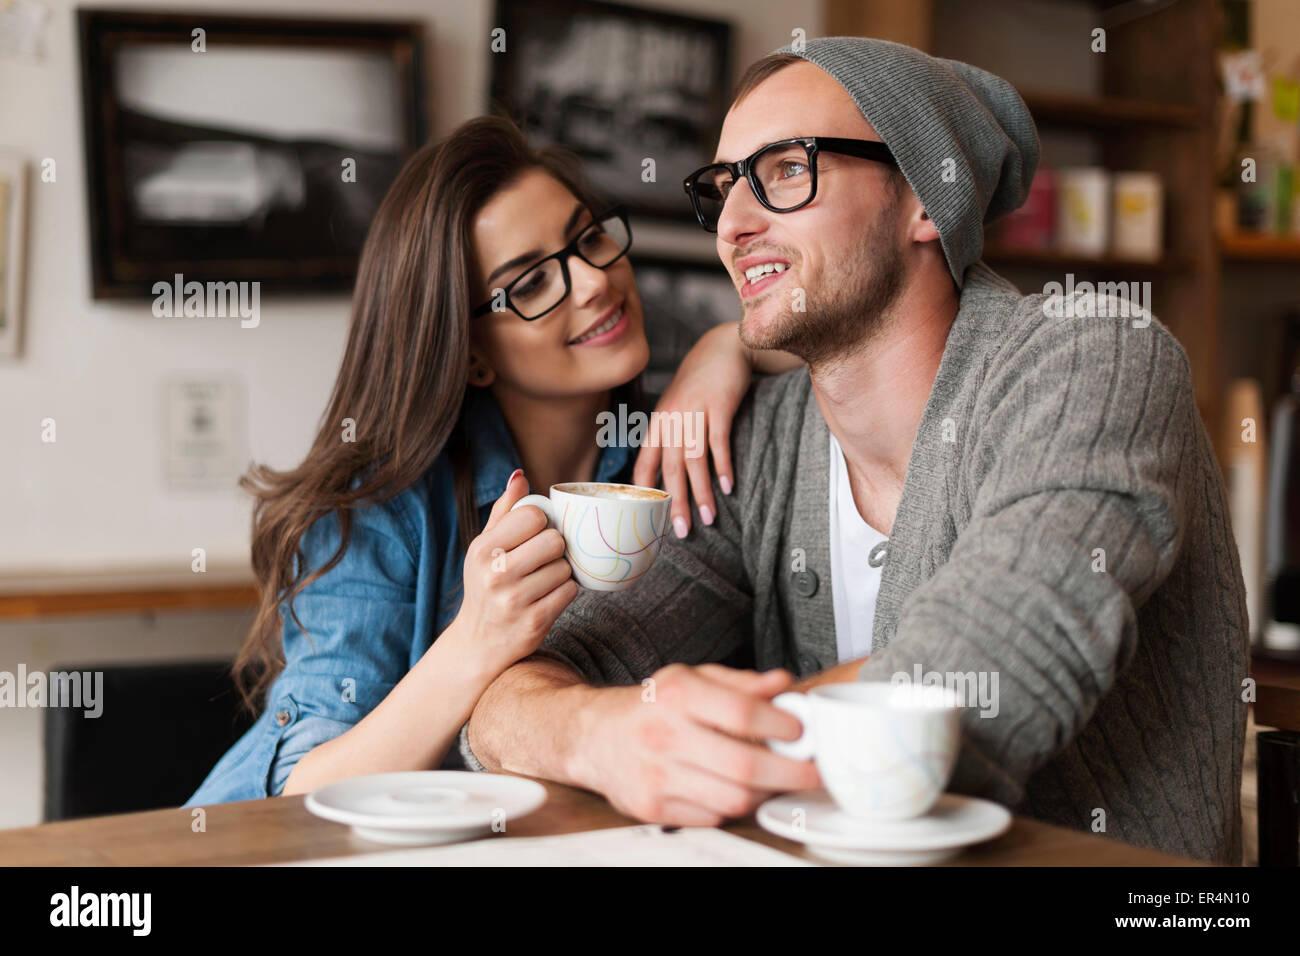 Felice l'uomo e la donna nel cafe. Cracovia in Polonia Immagini Stock